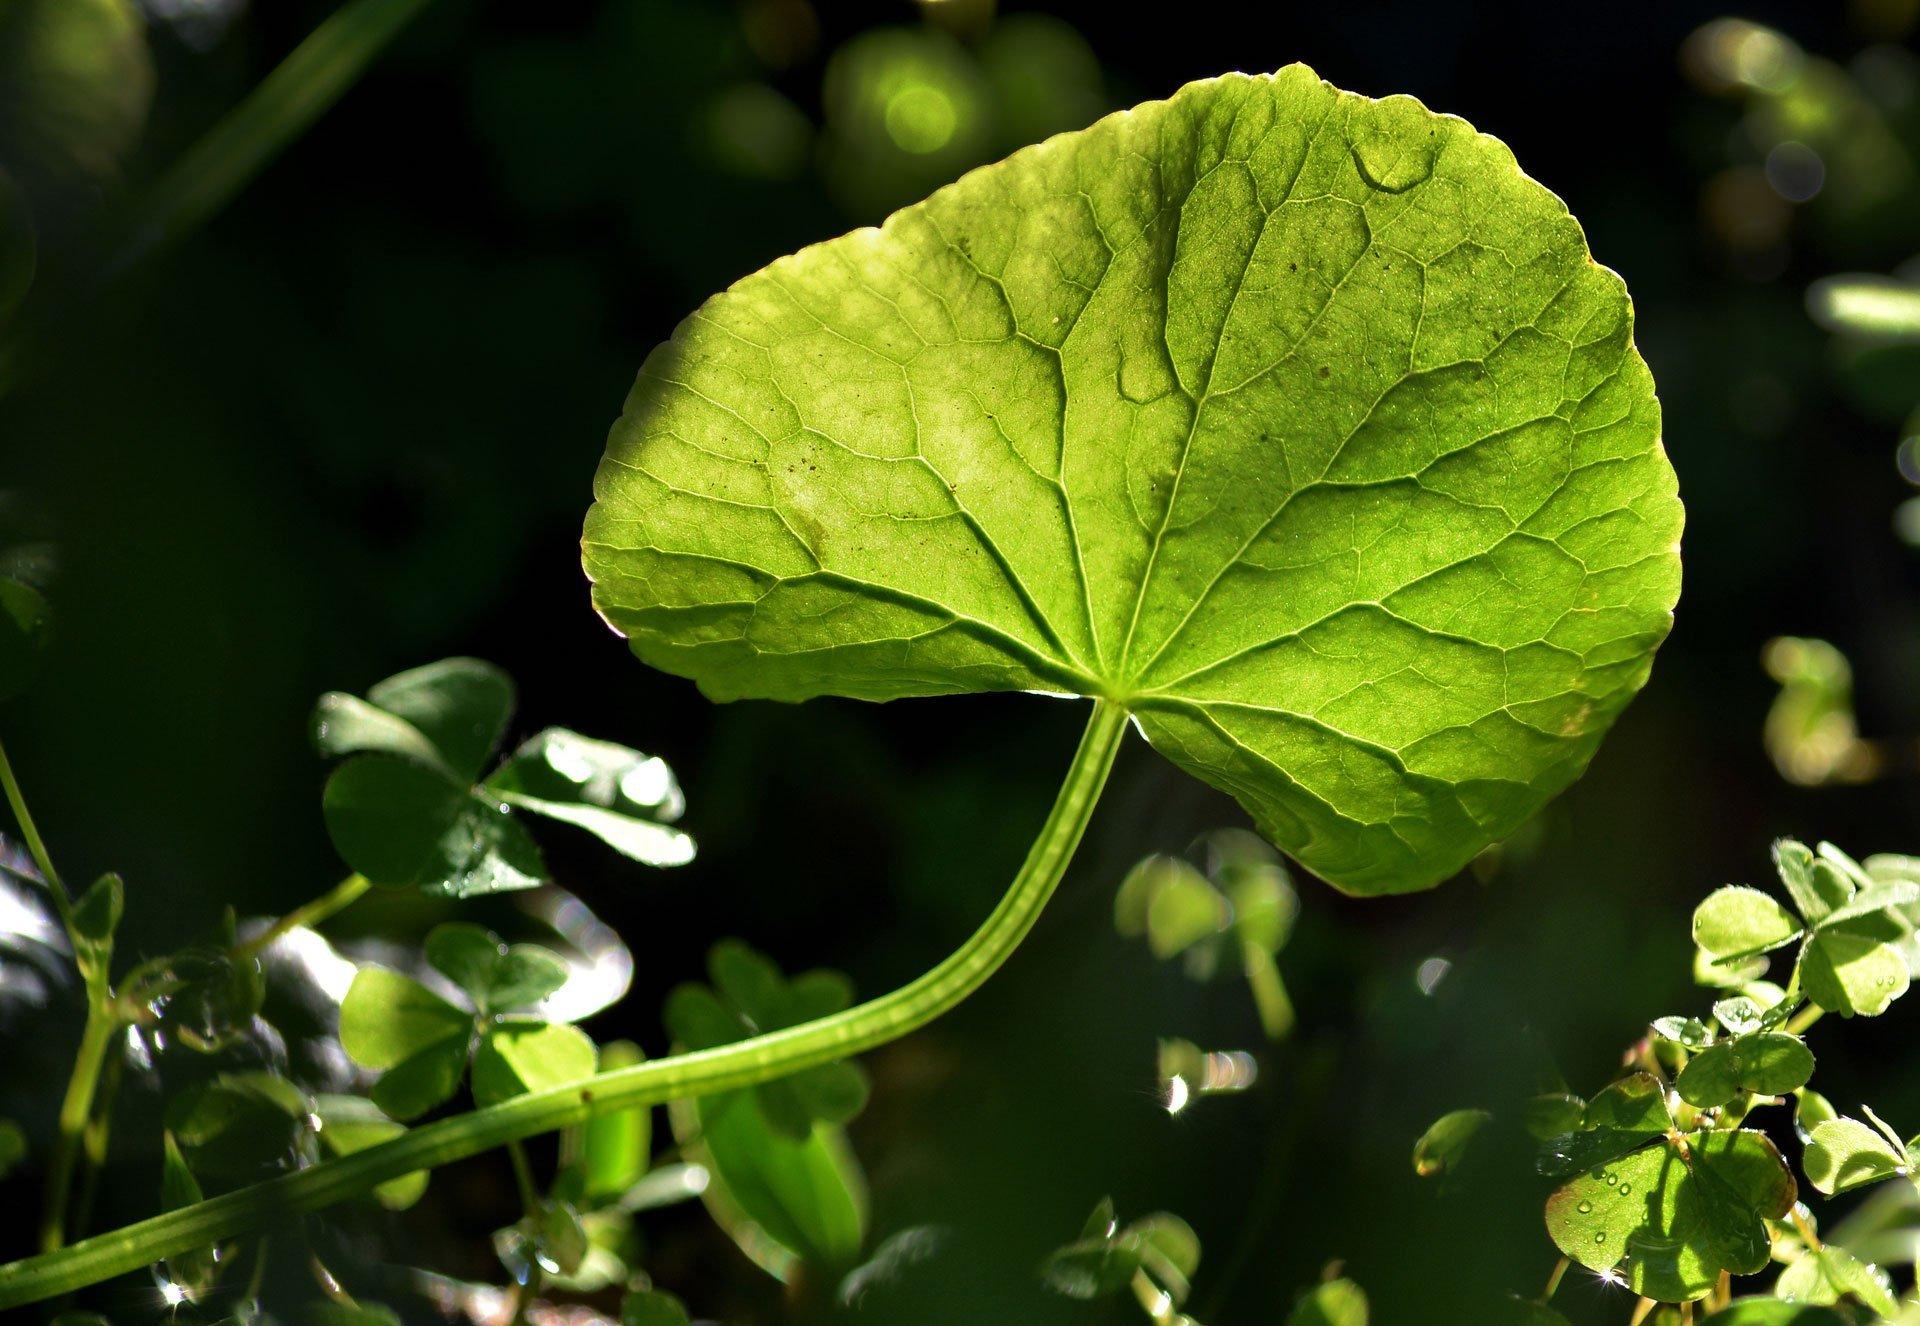 Centella leaf